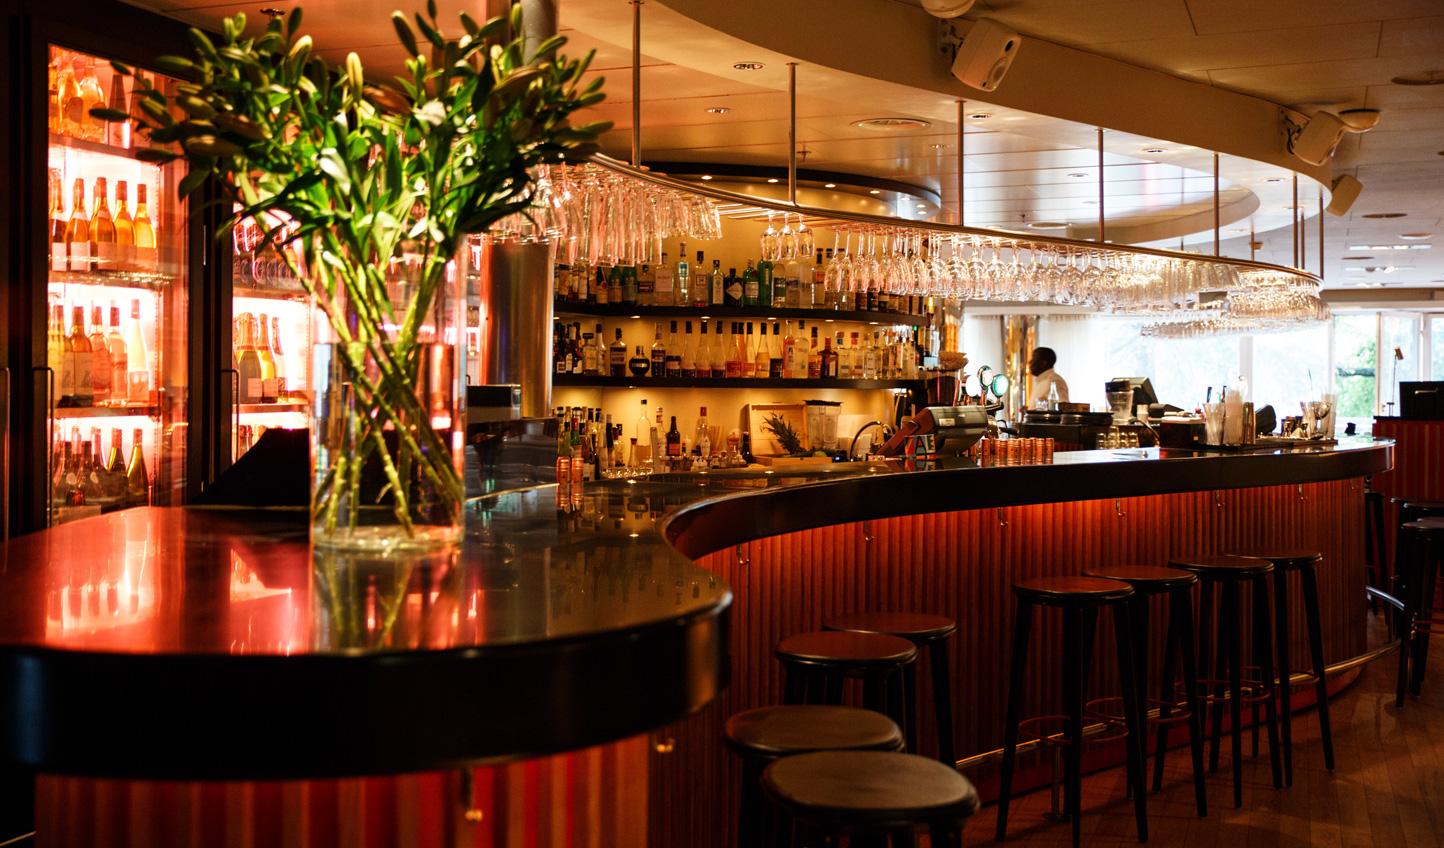 Grab a drink at the bar